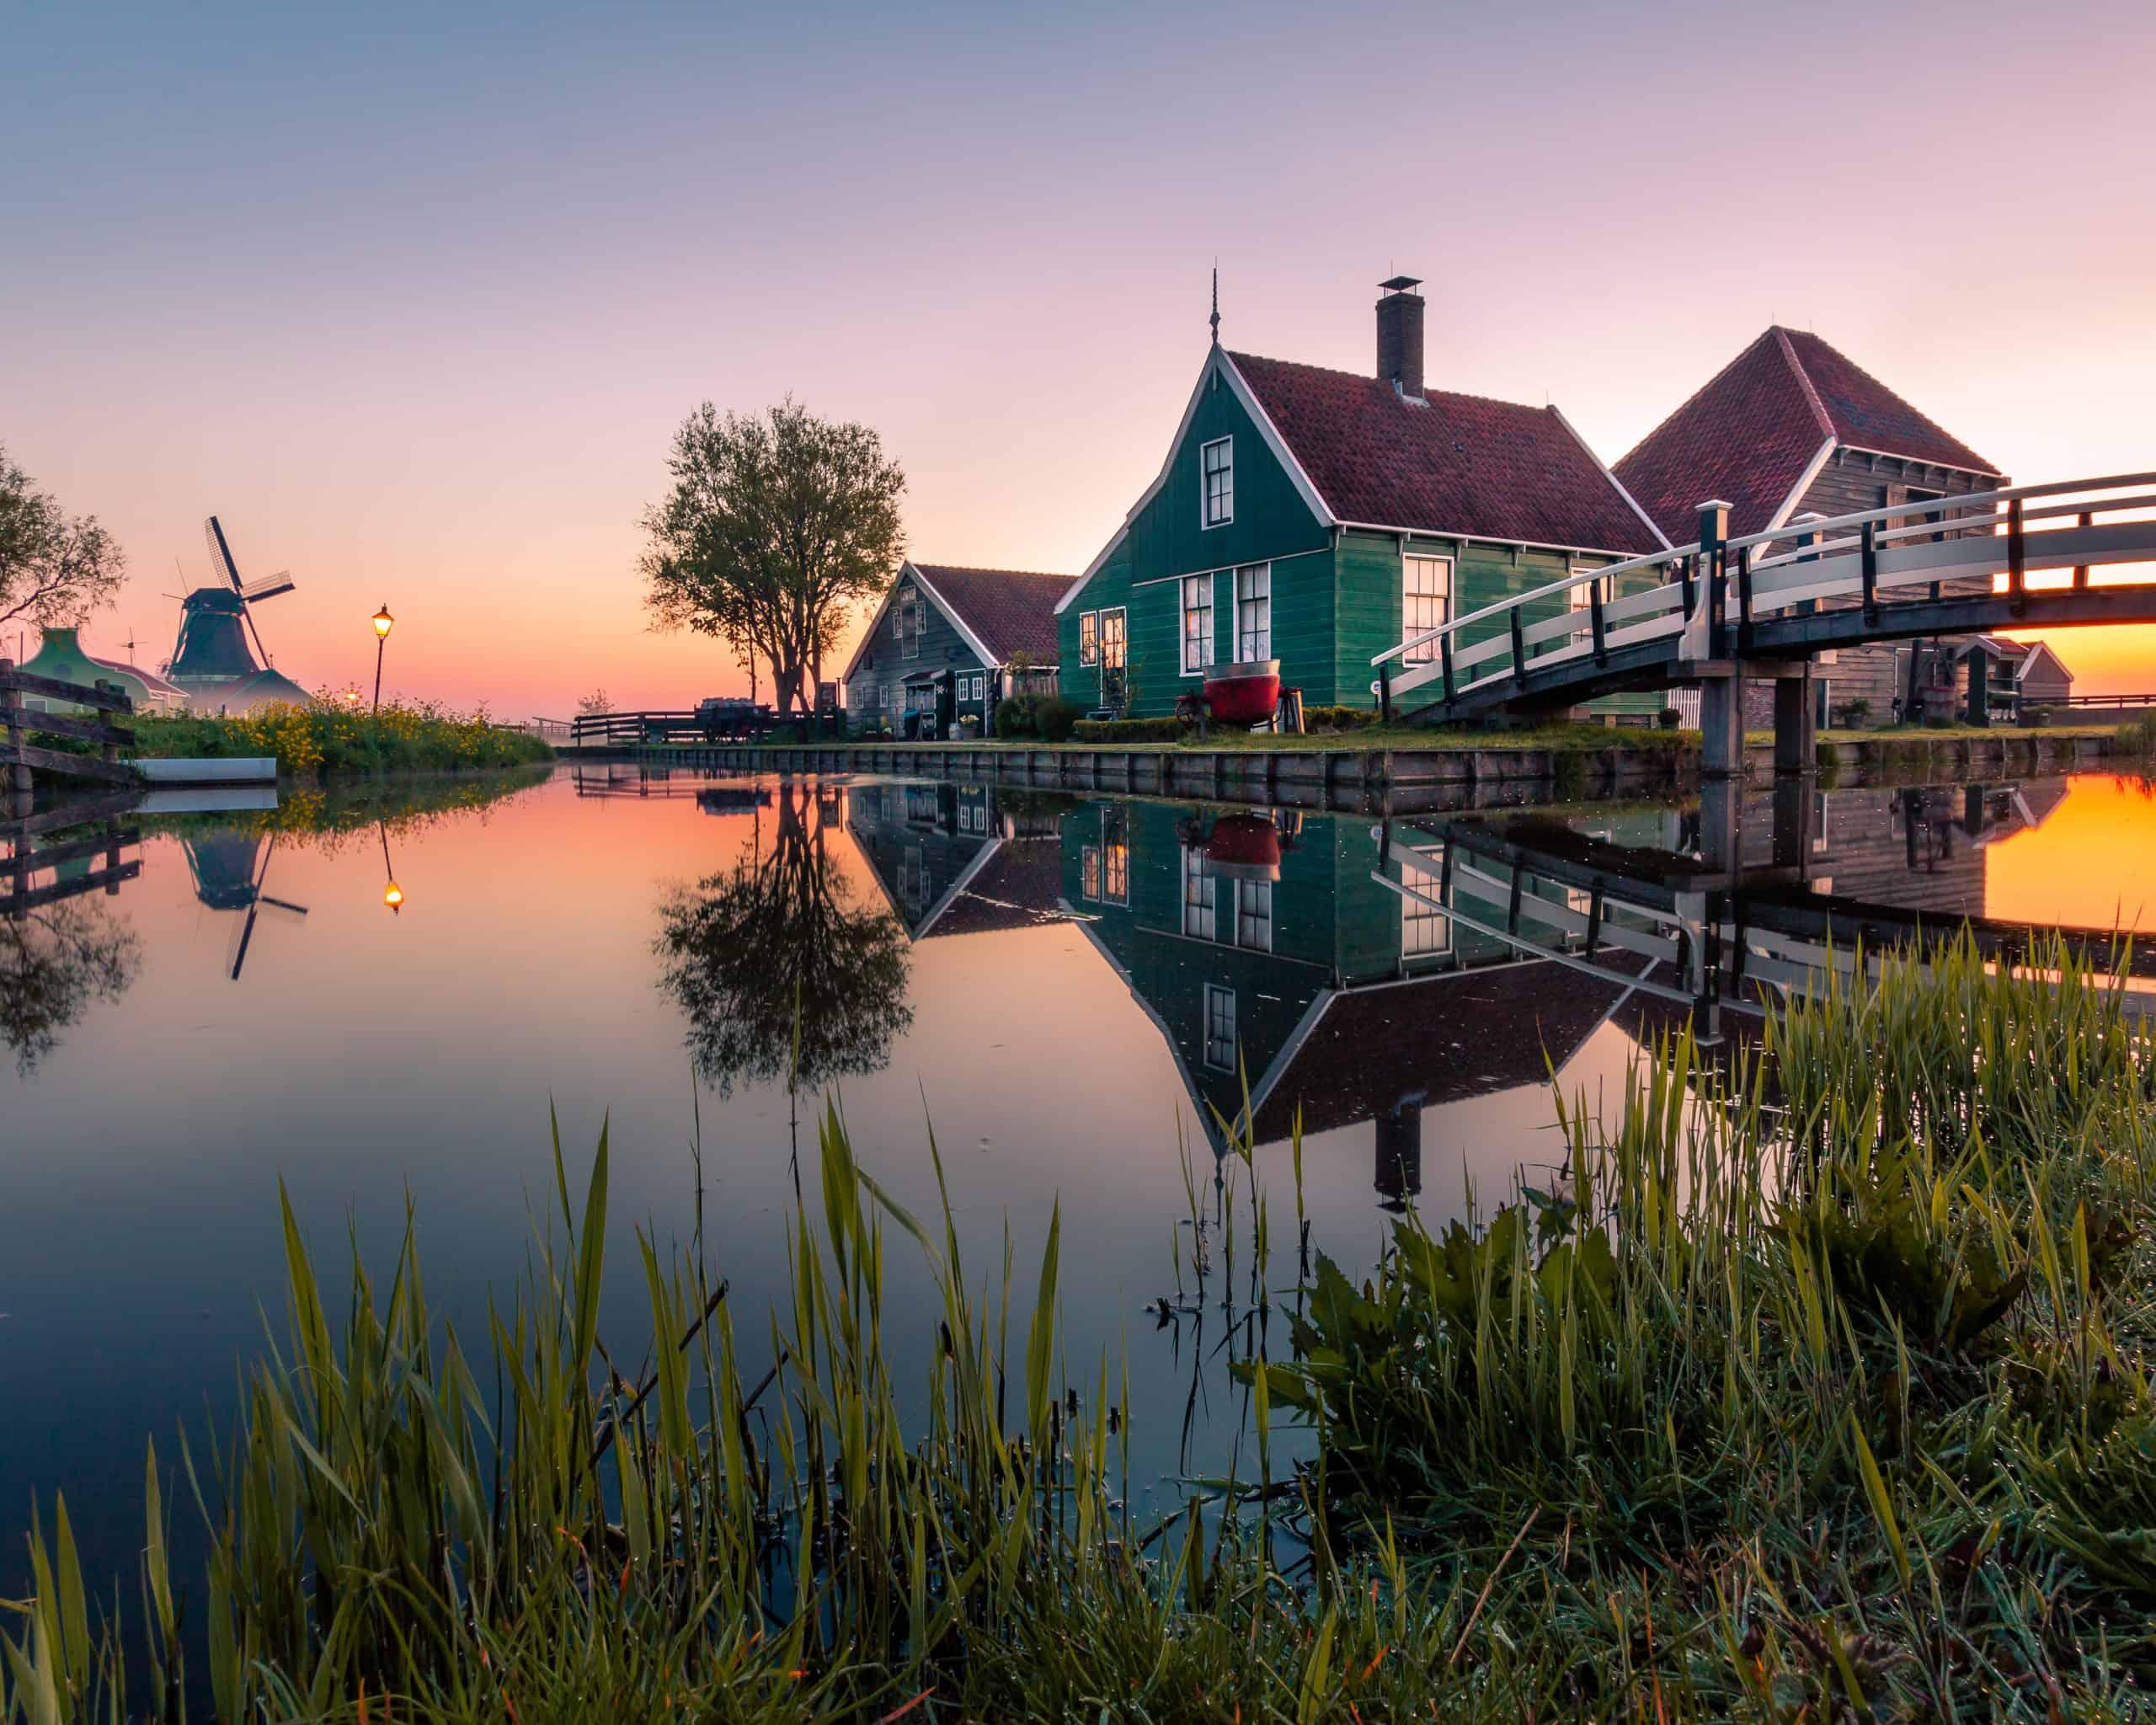 Huis bij een kanaal met een molen in Noord-Holland